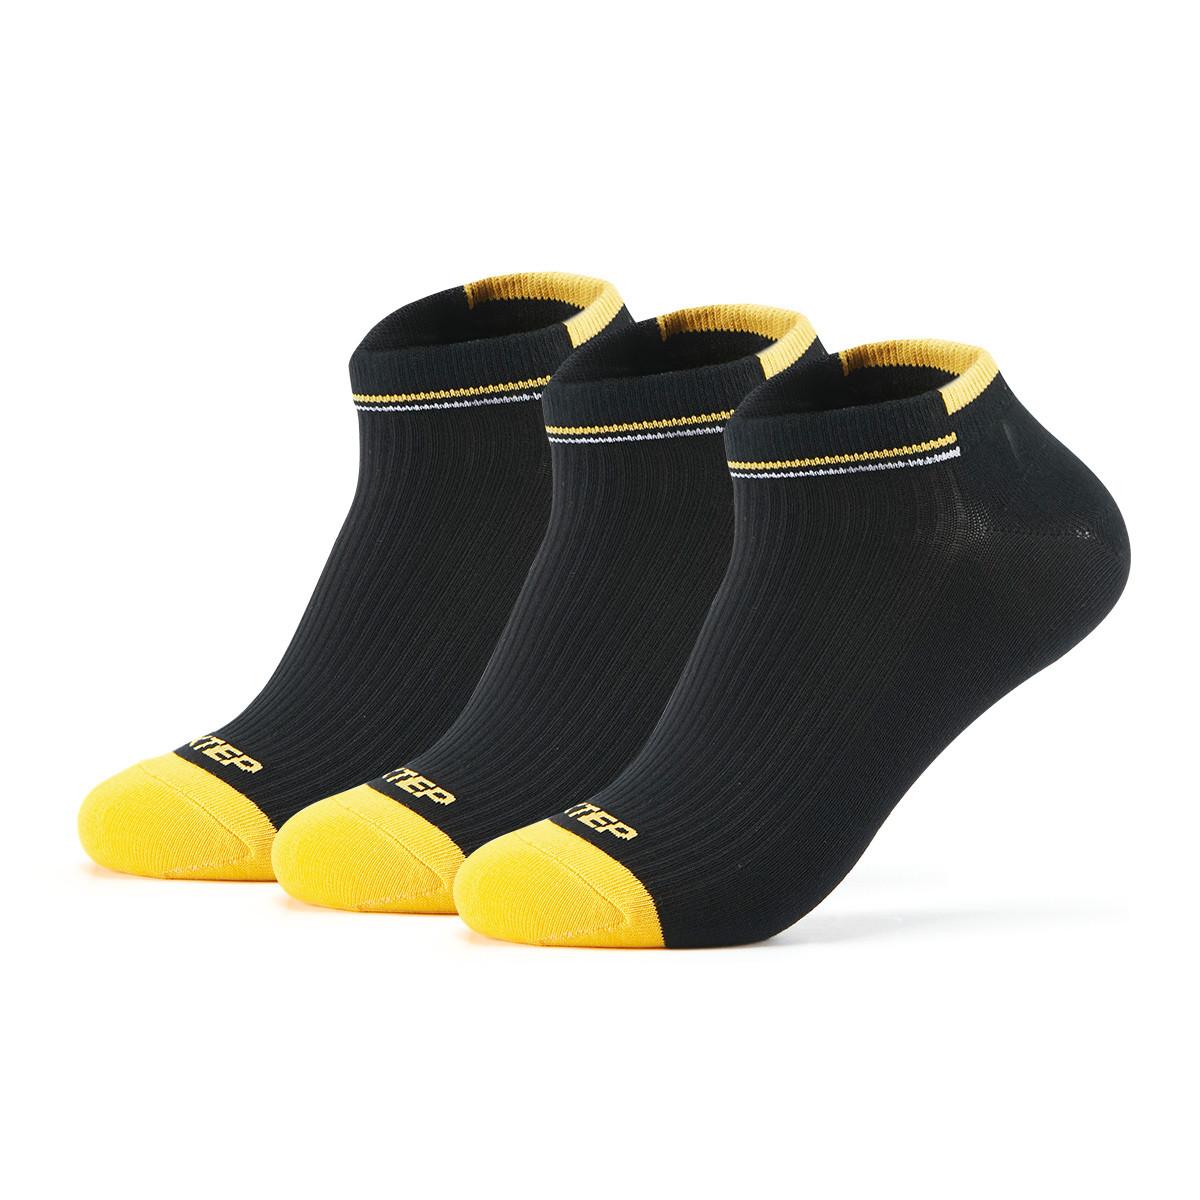 XTEP 特步 男款跑步袜(三双装) 15元